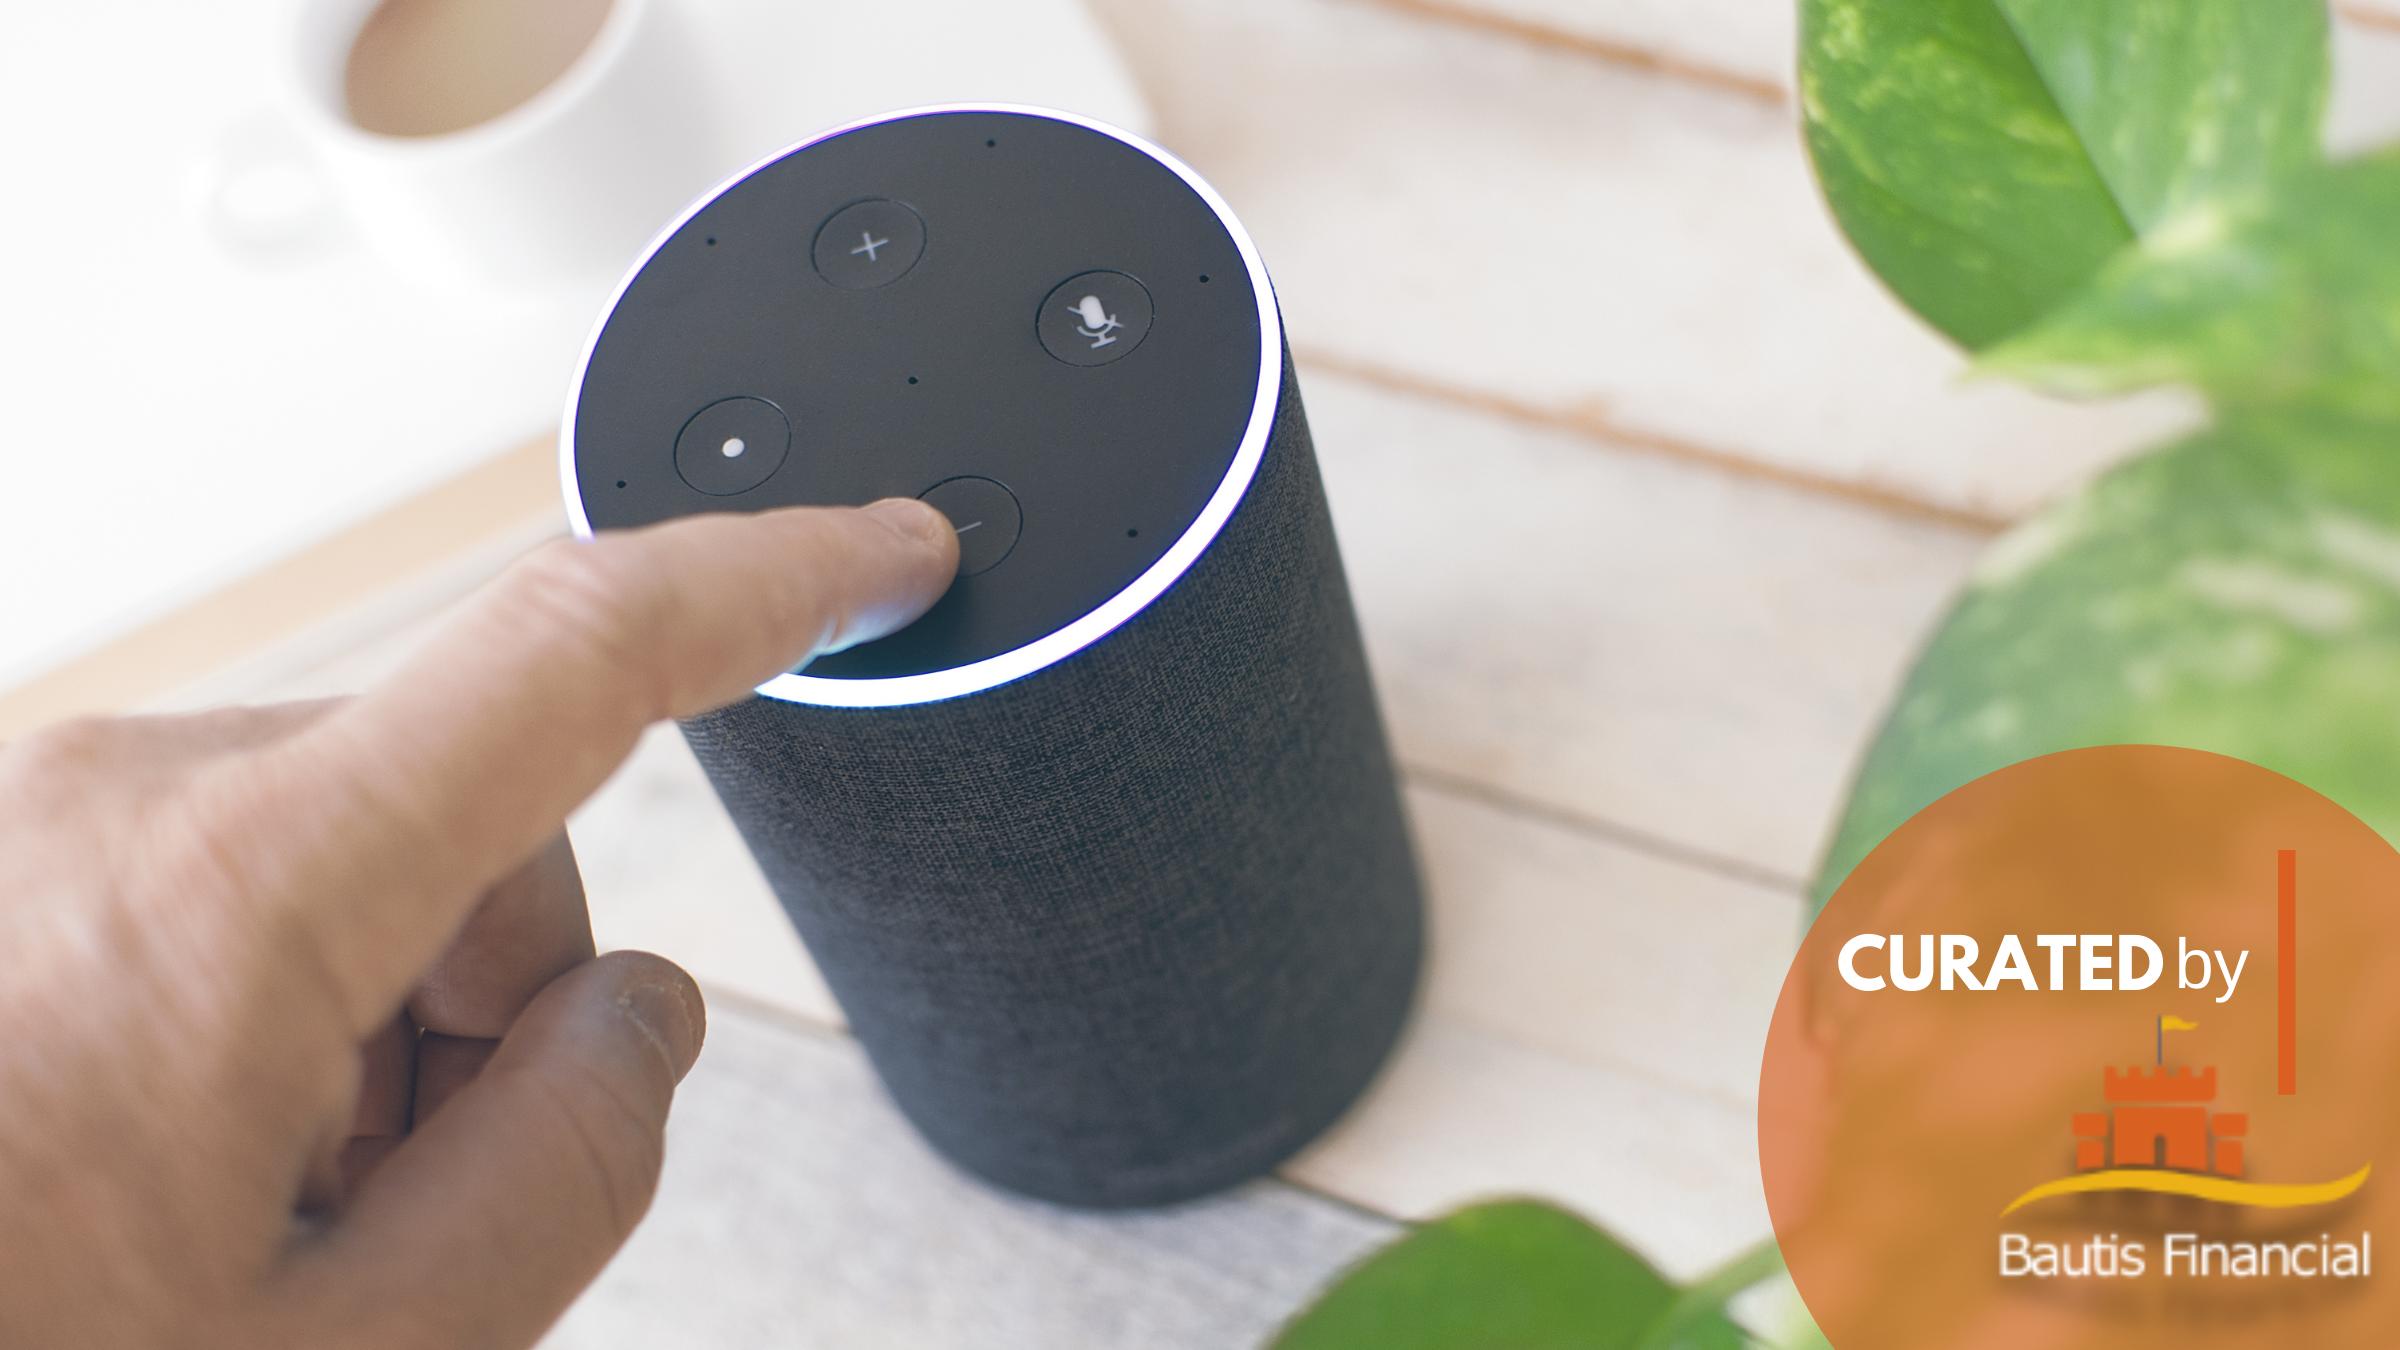 Audio information about the third stimulus checks, listen via Amazon Alexa